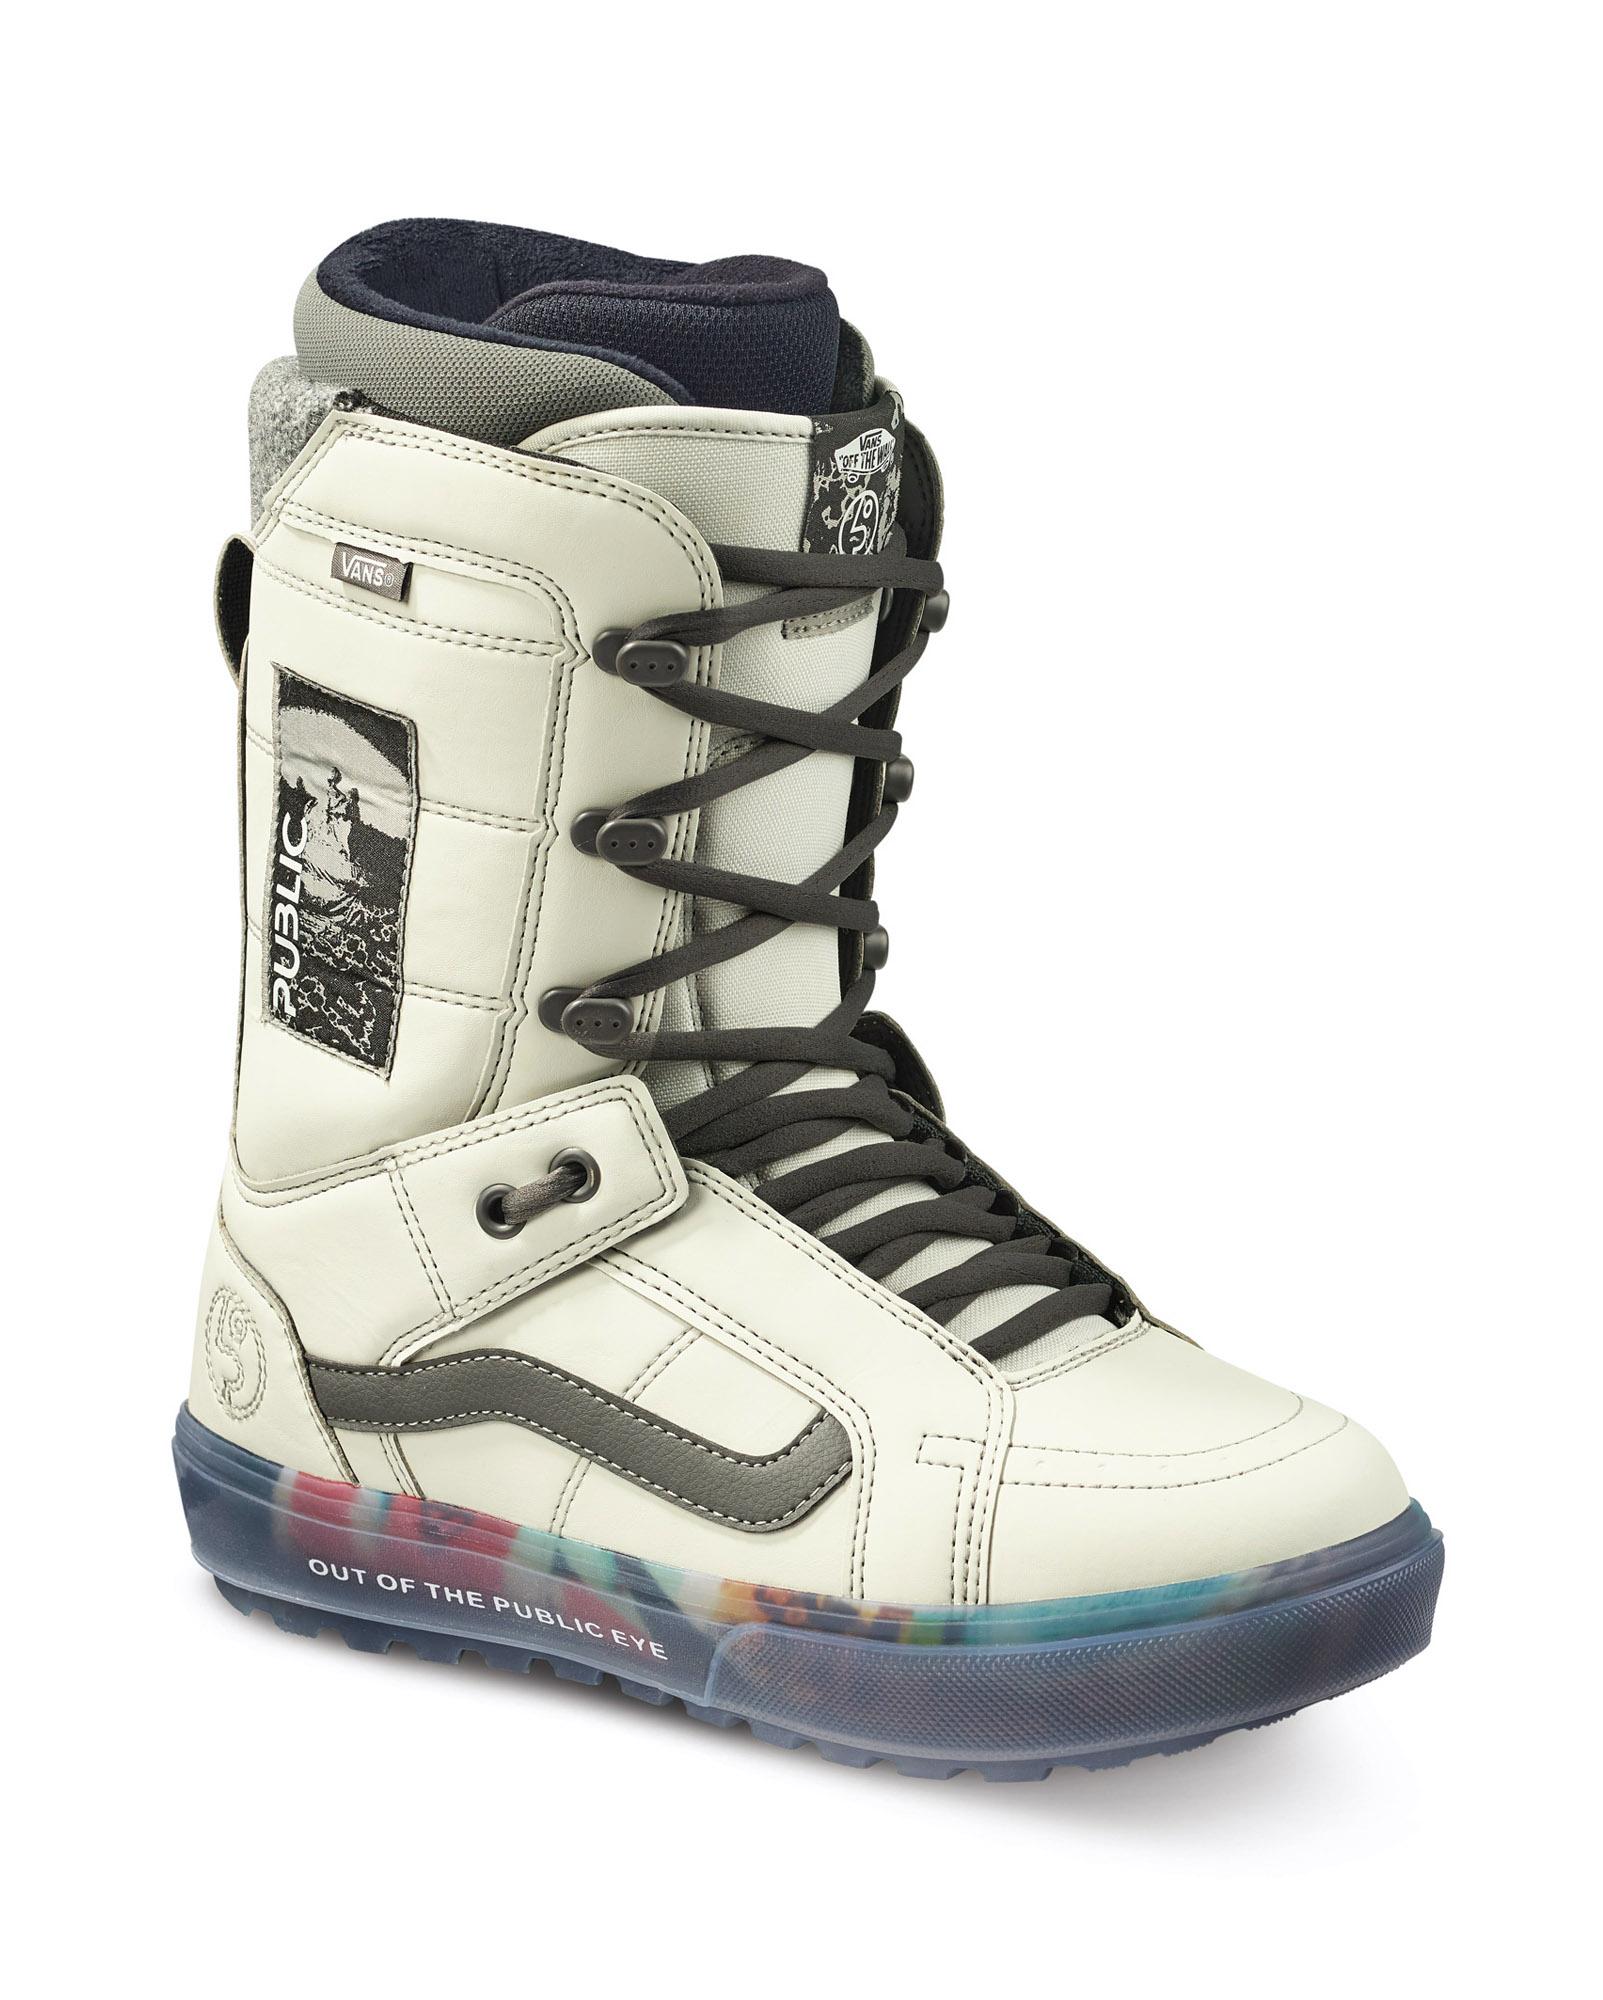 Vans 21/22 Snowboard Boots